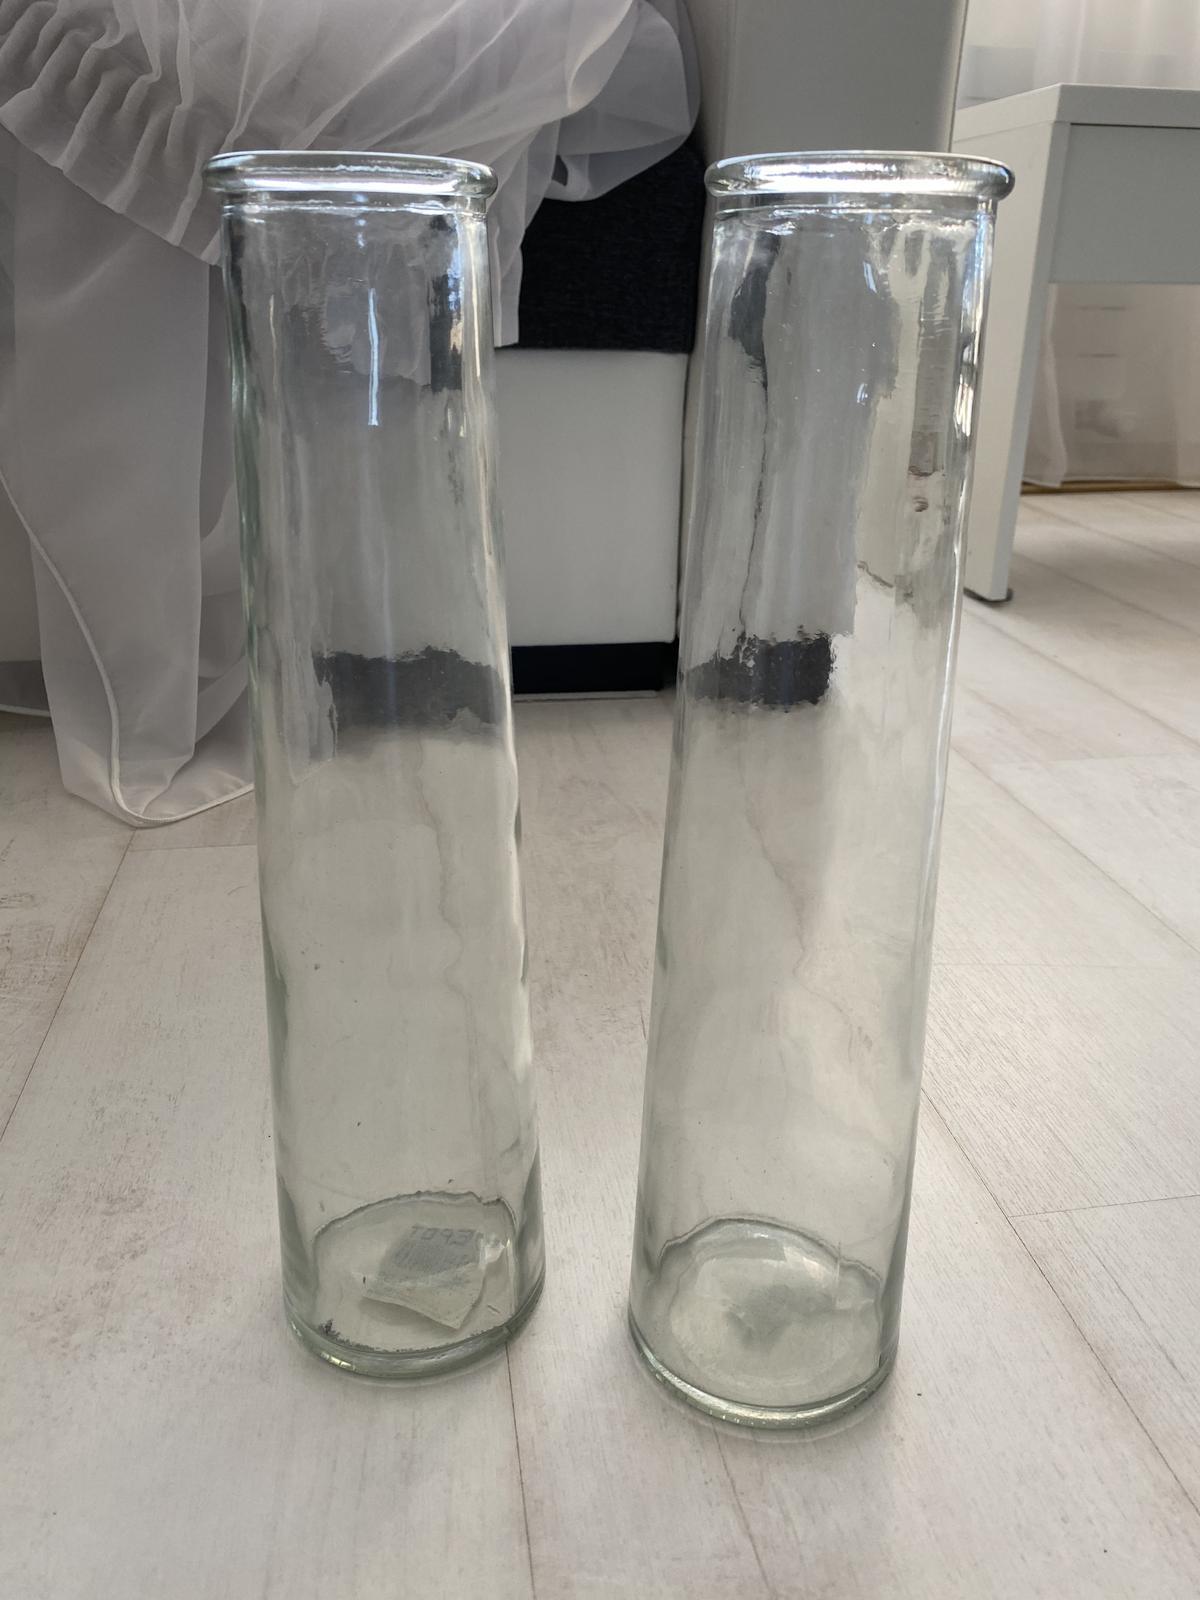 vaza 2x - Obrázok č. 1